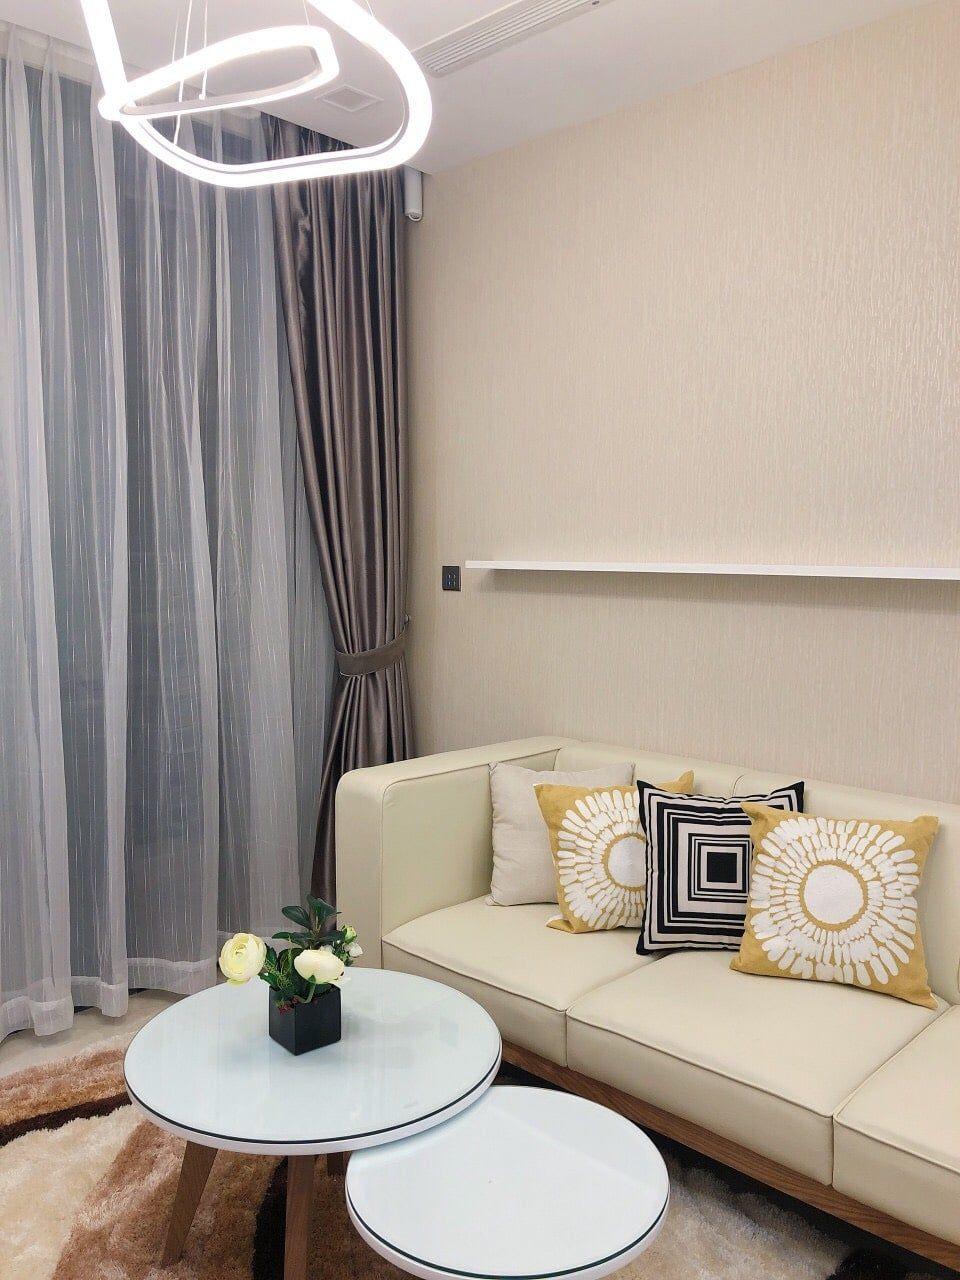 Nội thất hiện đại phòng khách căn hộ 1PN Vinhomes Golden River